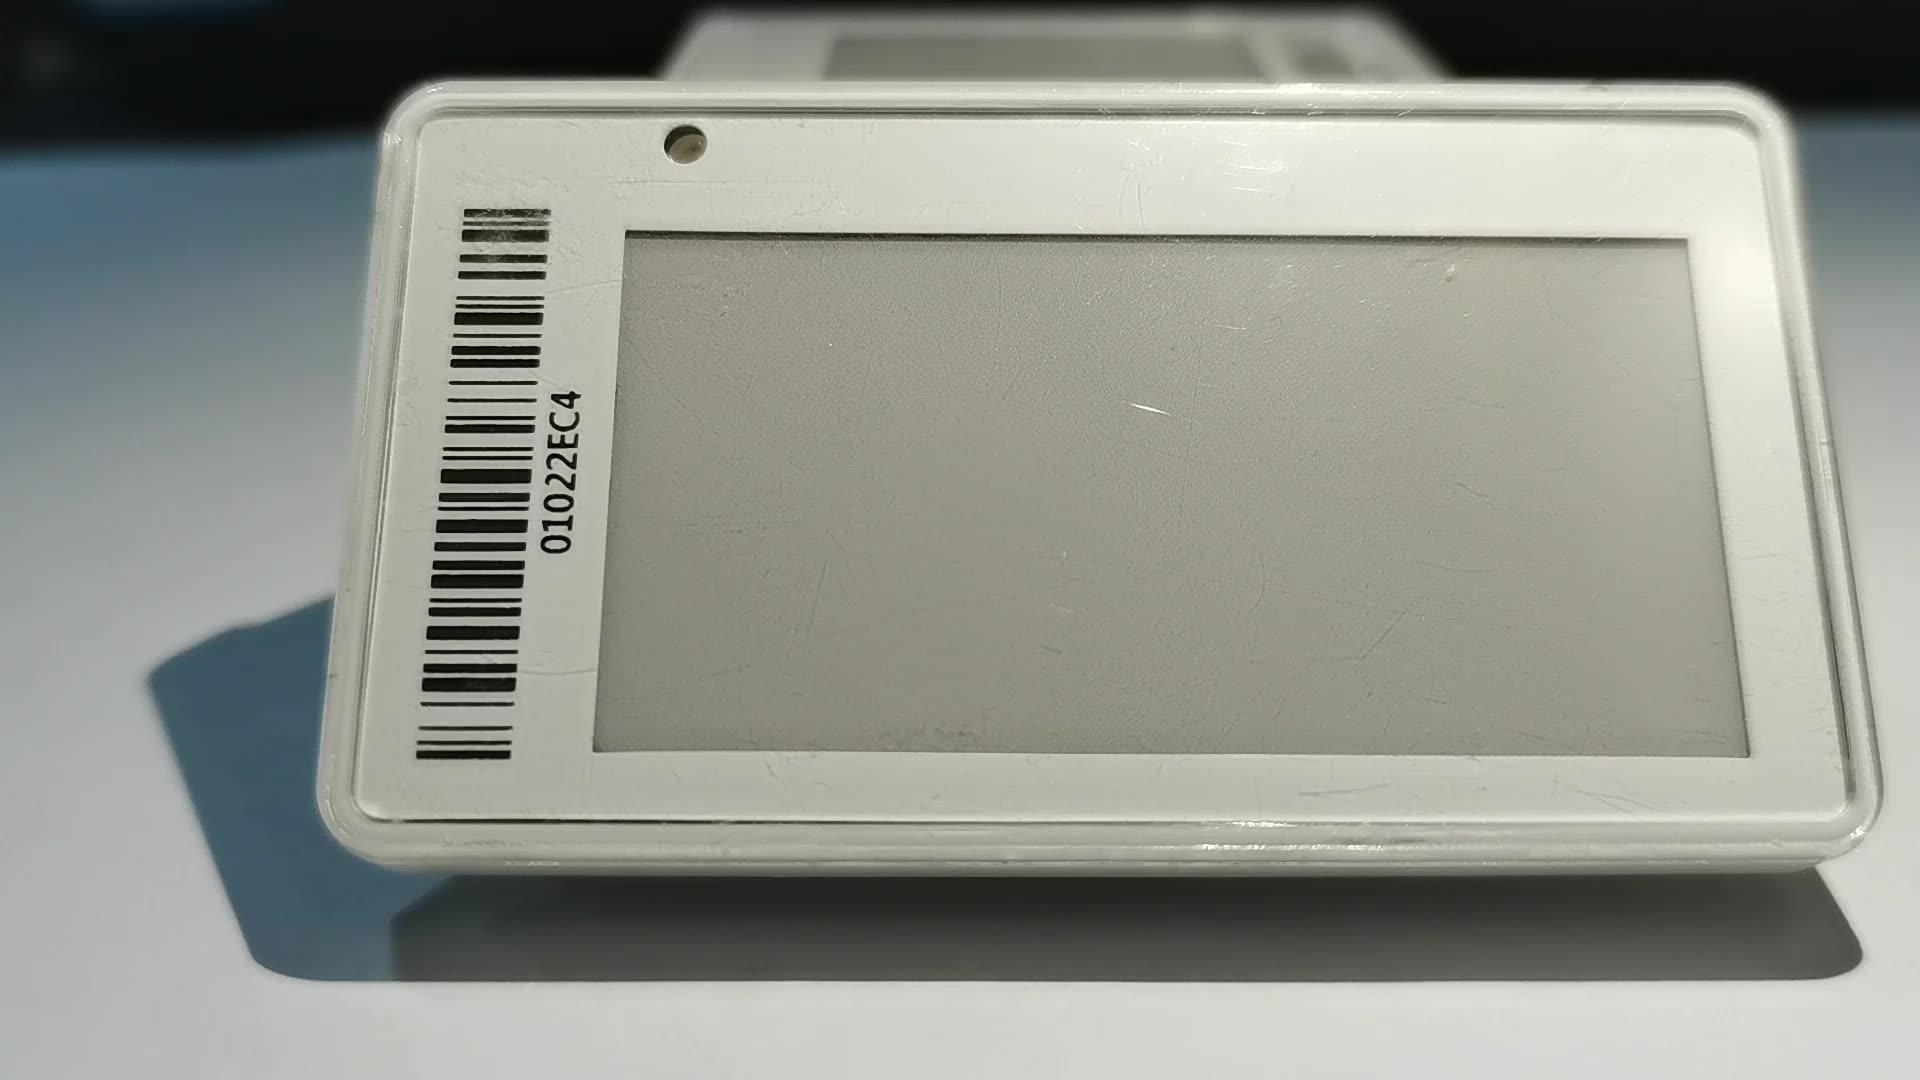 קמעונאות אלחוטי E-נייר E-דיו אלקטרוני מחיר תגיות דיגיטלי מדף תווית ESL